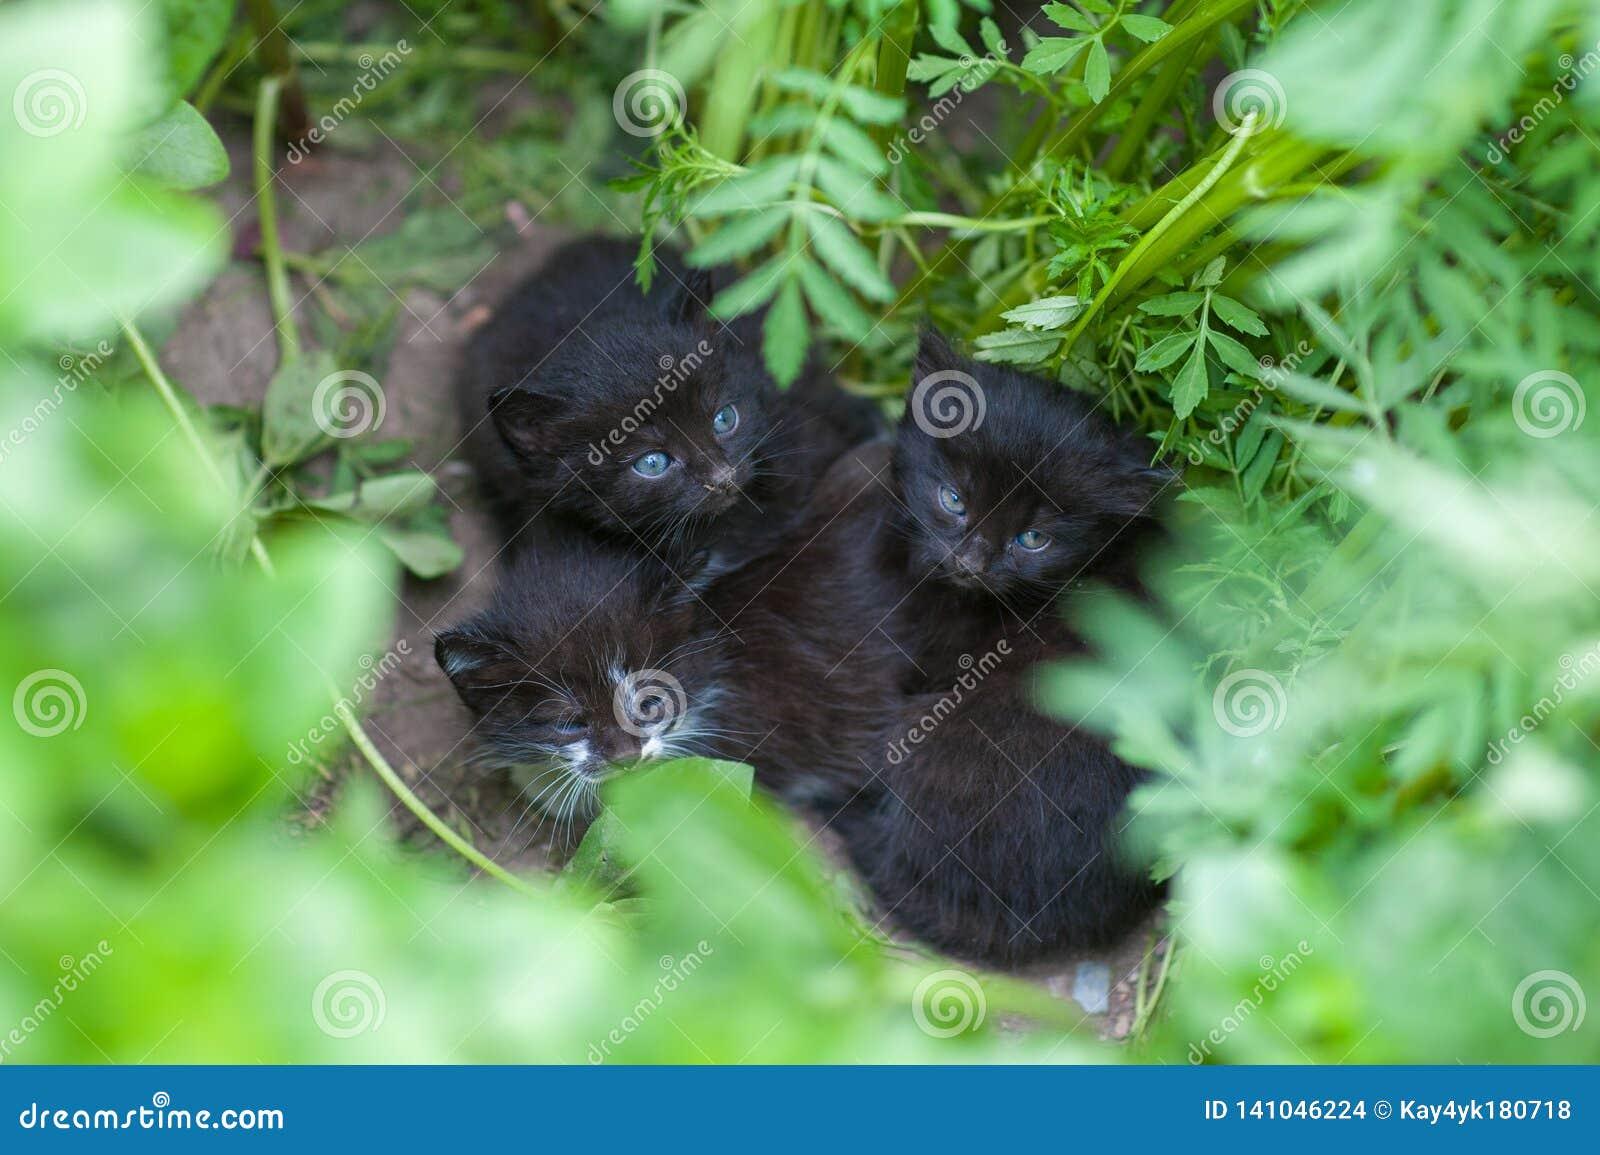 Övergav svarta kattungar, kattungar väntar på mamman, hjälper hemlösa djur